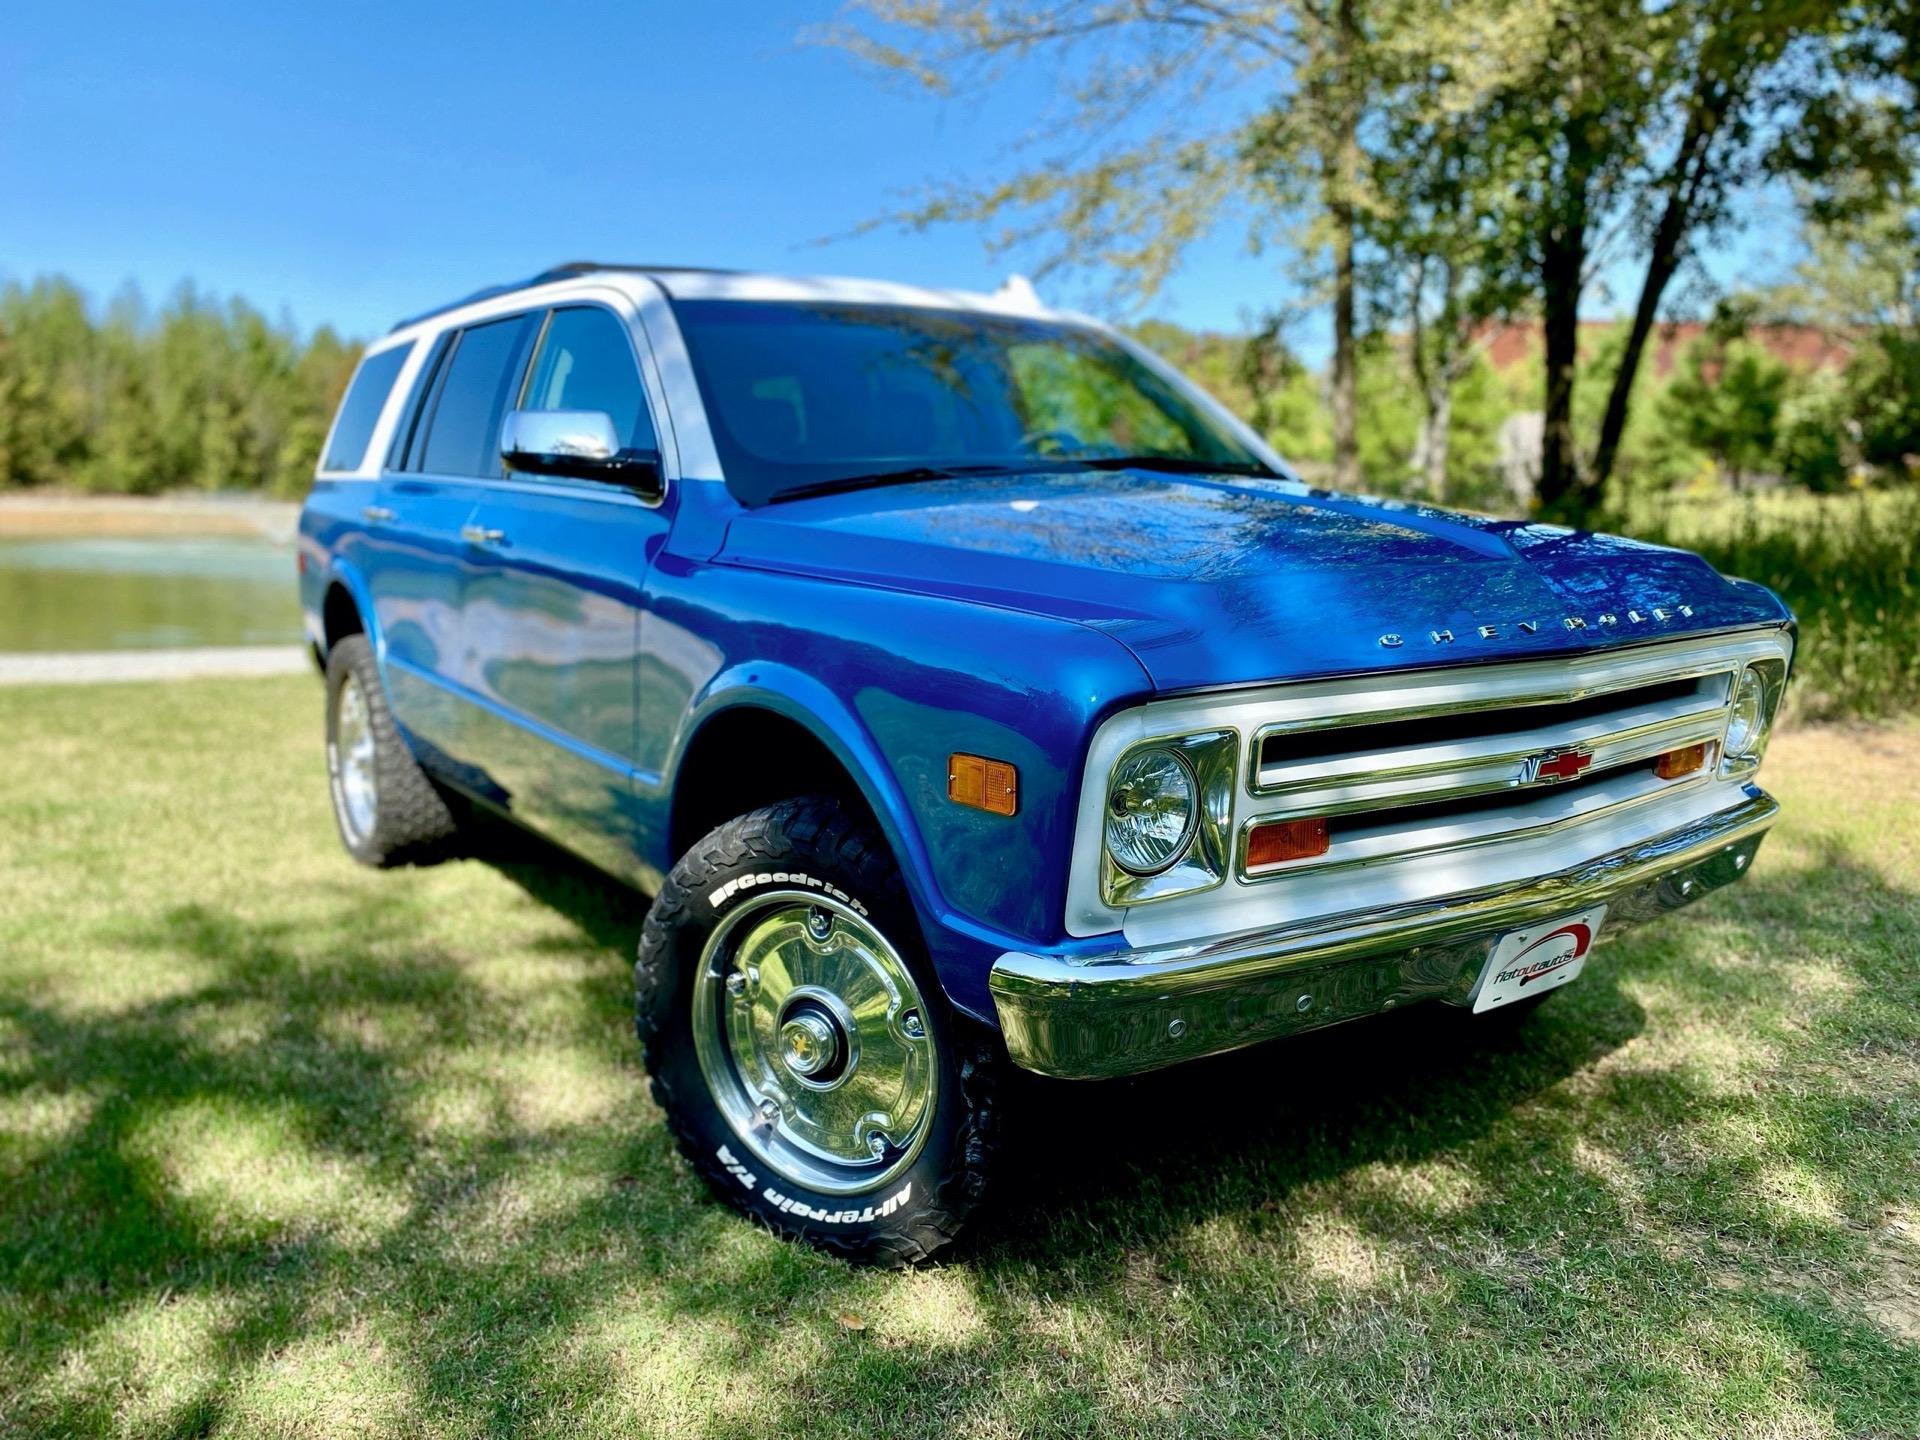 Тюнинг-ателье Flat Out Autos из Северного Арканзаса представило не один, а сразу четыре внедорожника Chevrolet Tahoe, перекроенных в подобие классического Chevrolet K5 Blazer. Партия была изготовлена для королевской семьи из ОАЭ, но все желающие могут заказать аналогичную конверсию.